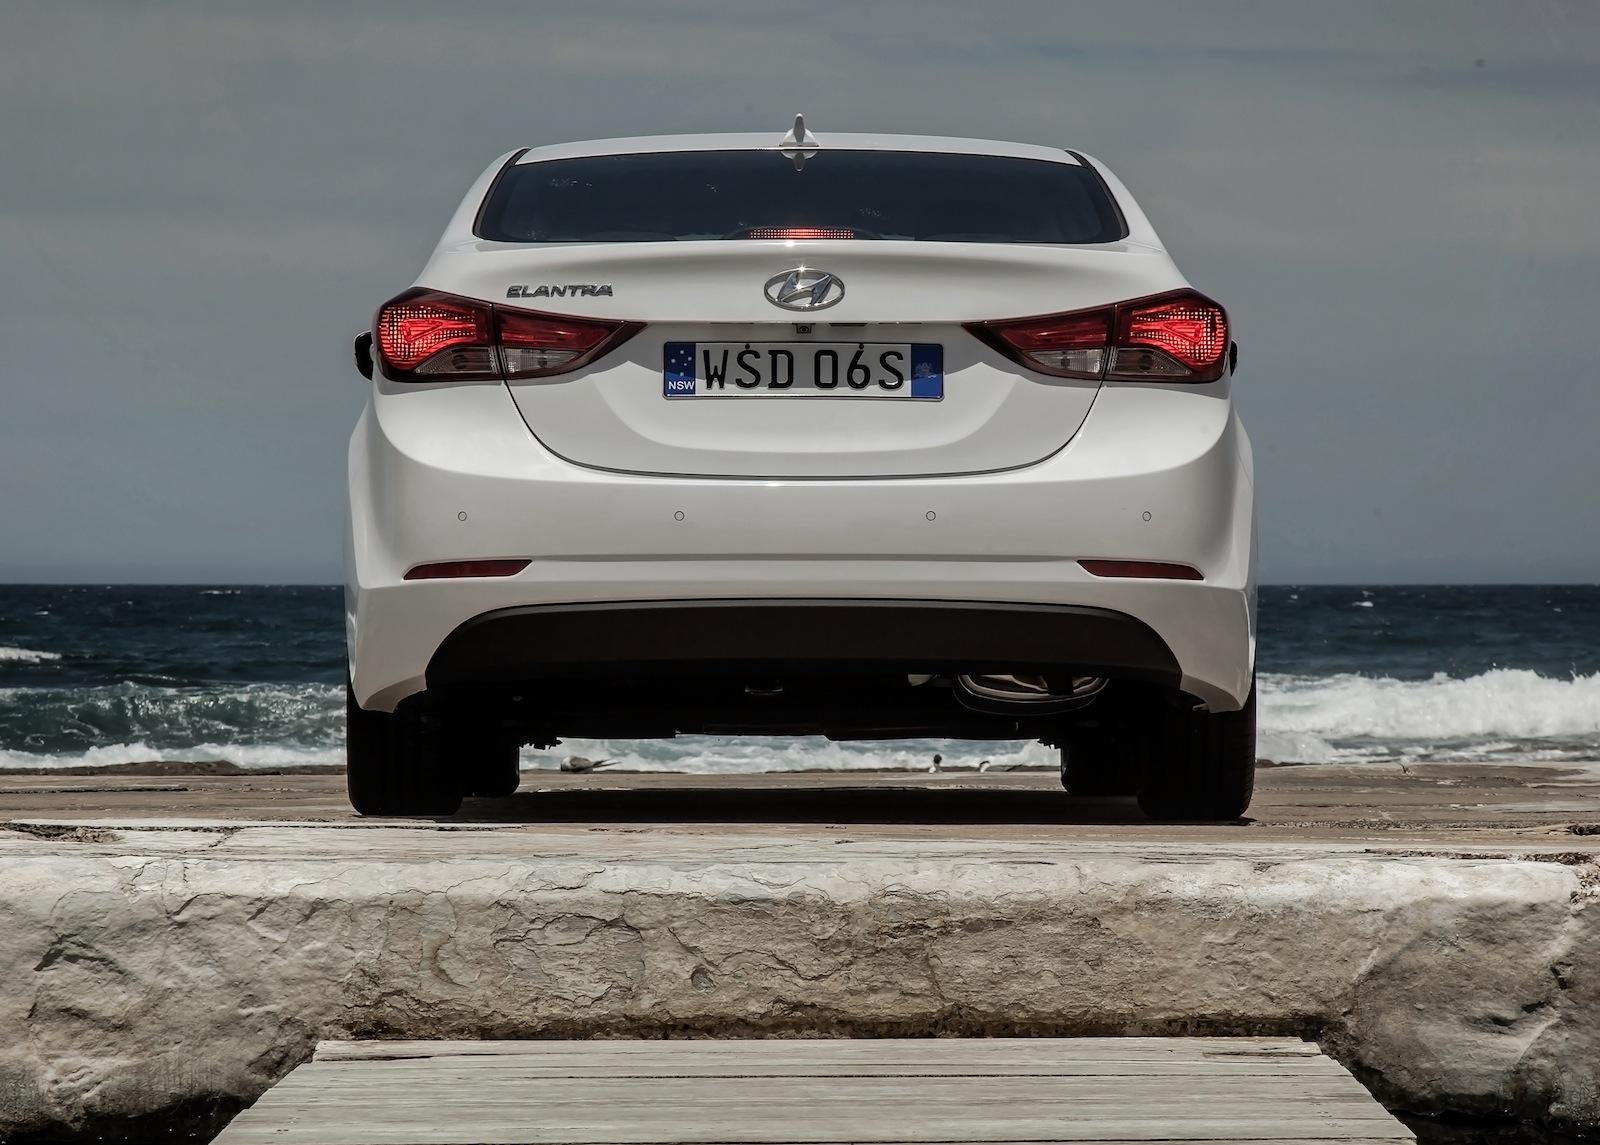 2014 Hyundai Elantra Review Caradvice